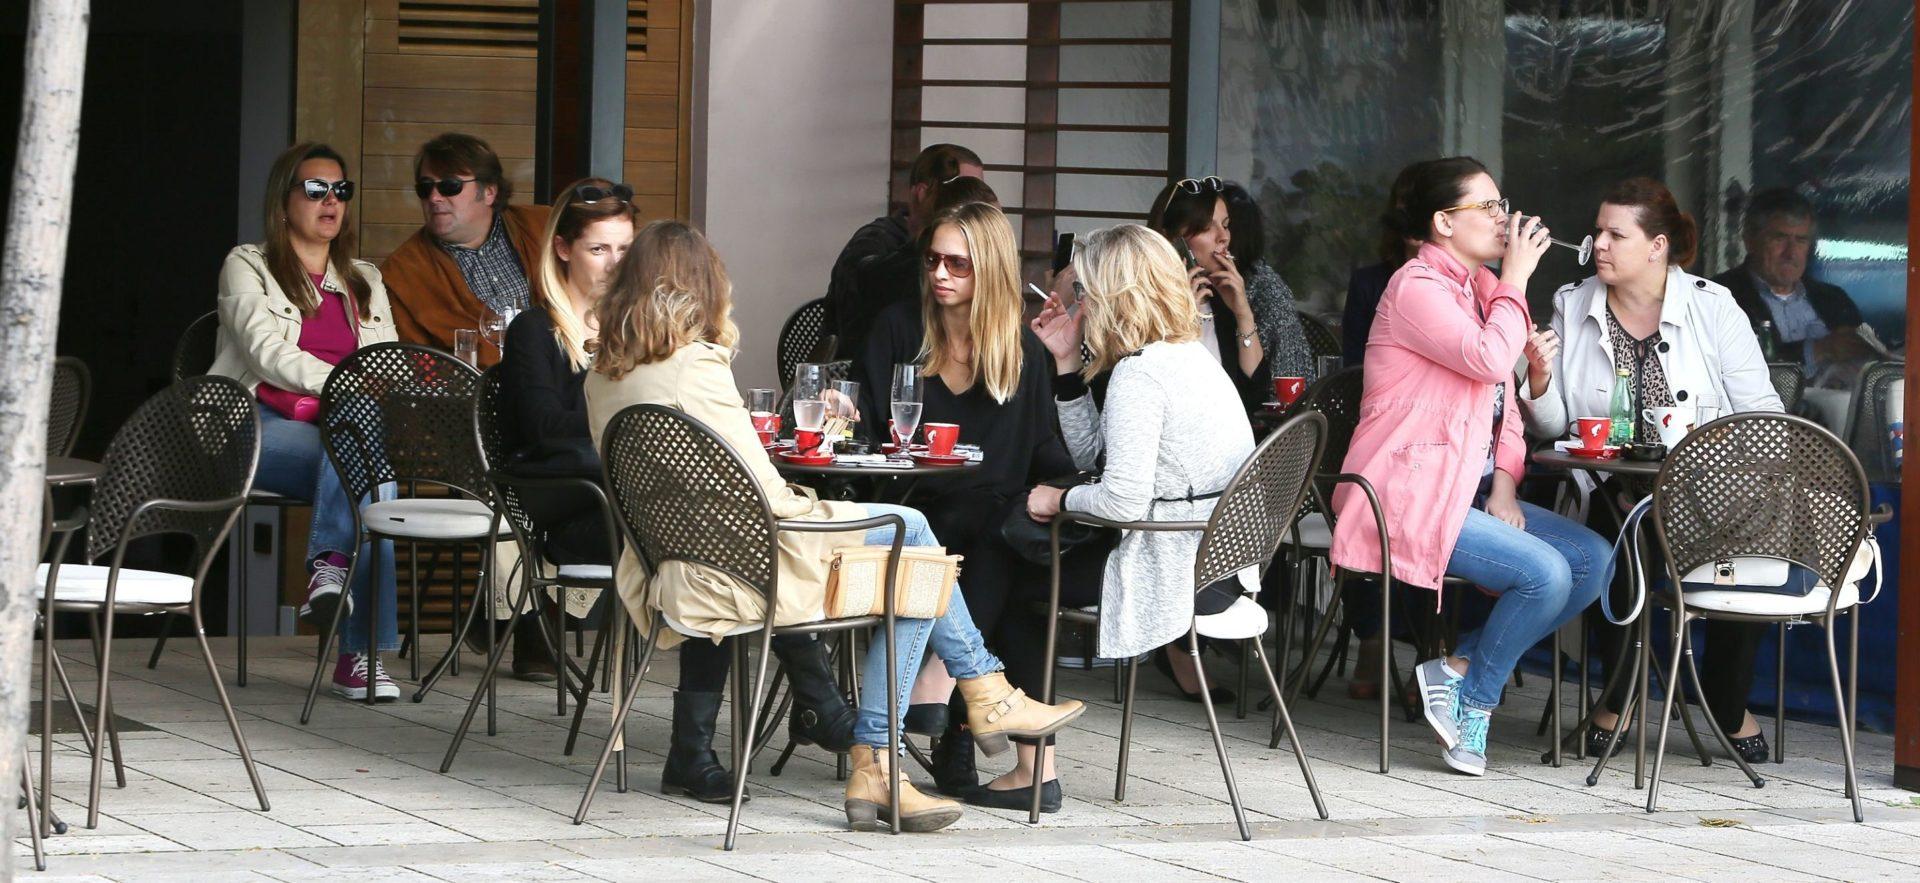 ISTRAŽIVANJE MEDIANETA Hrvatski građani preferiraju izravan način komunikacije, a u slobodno vrijeme se najradije bave sportom